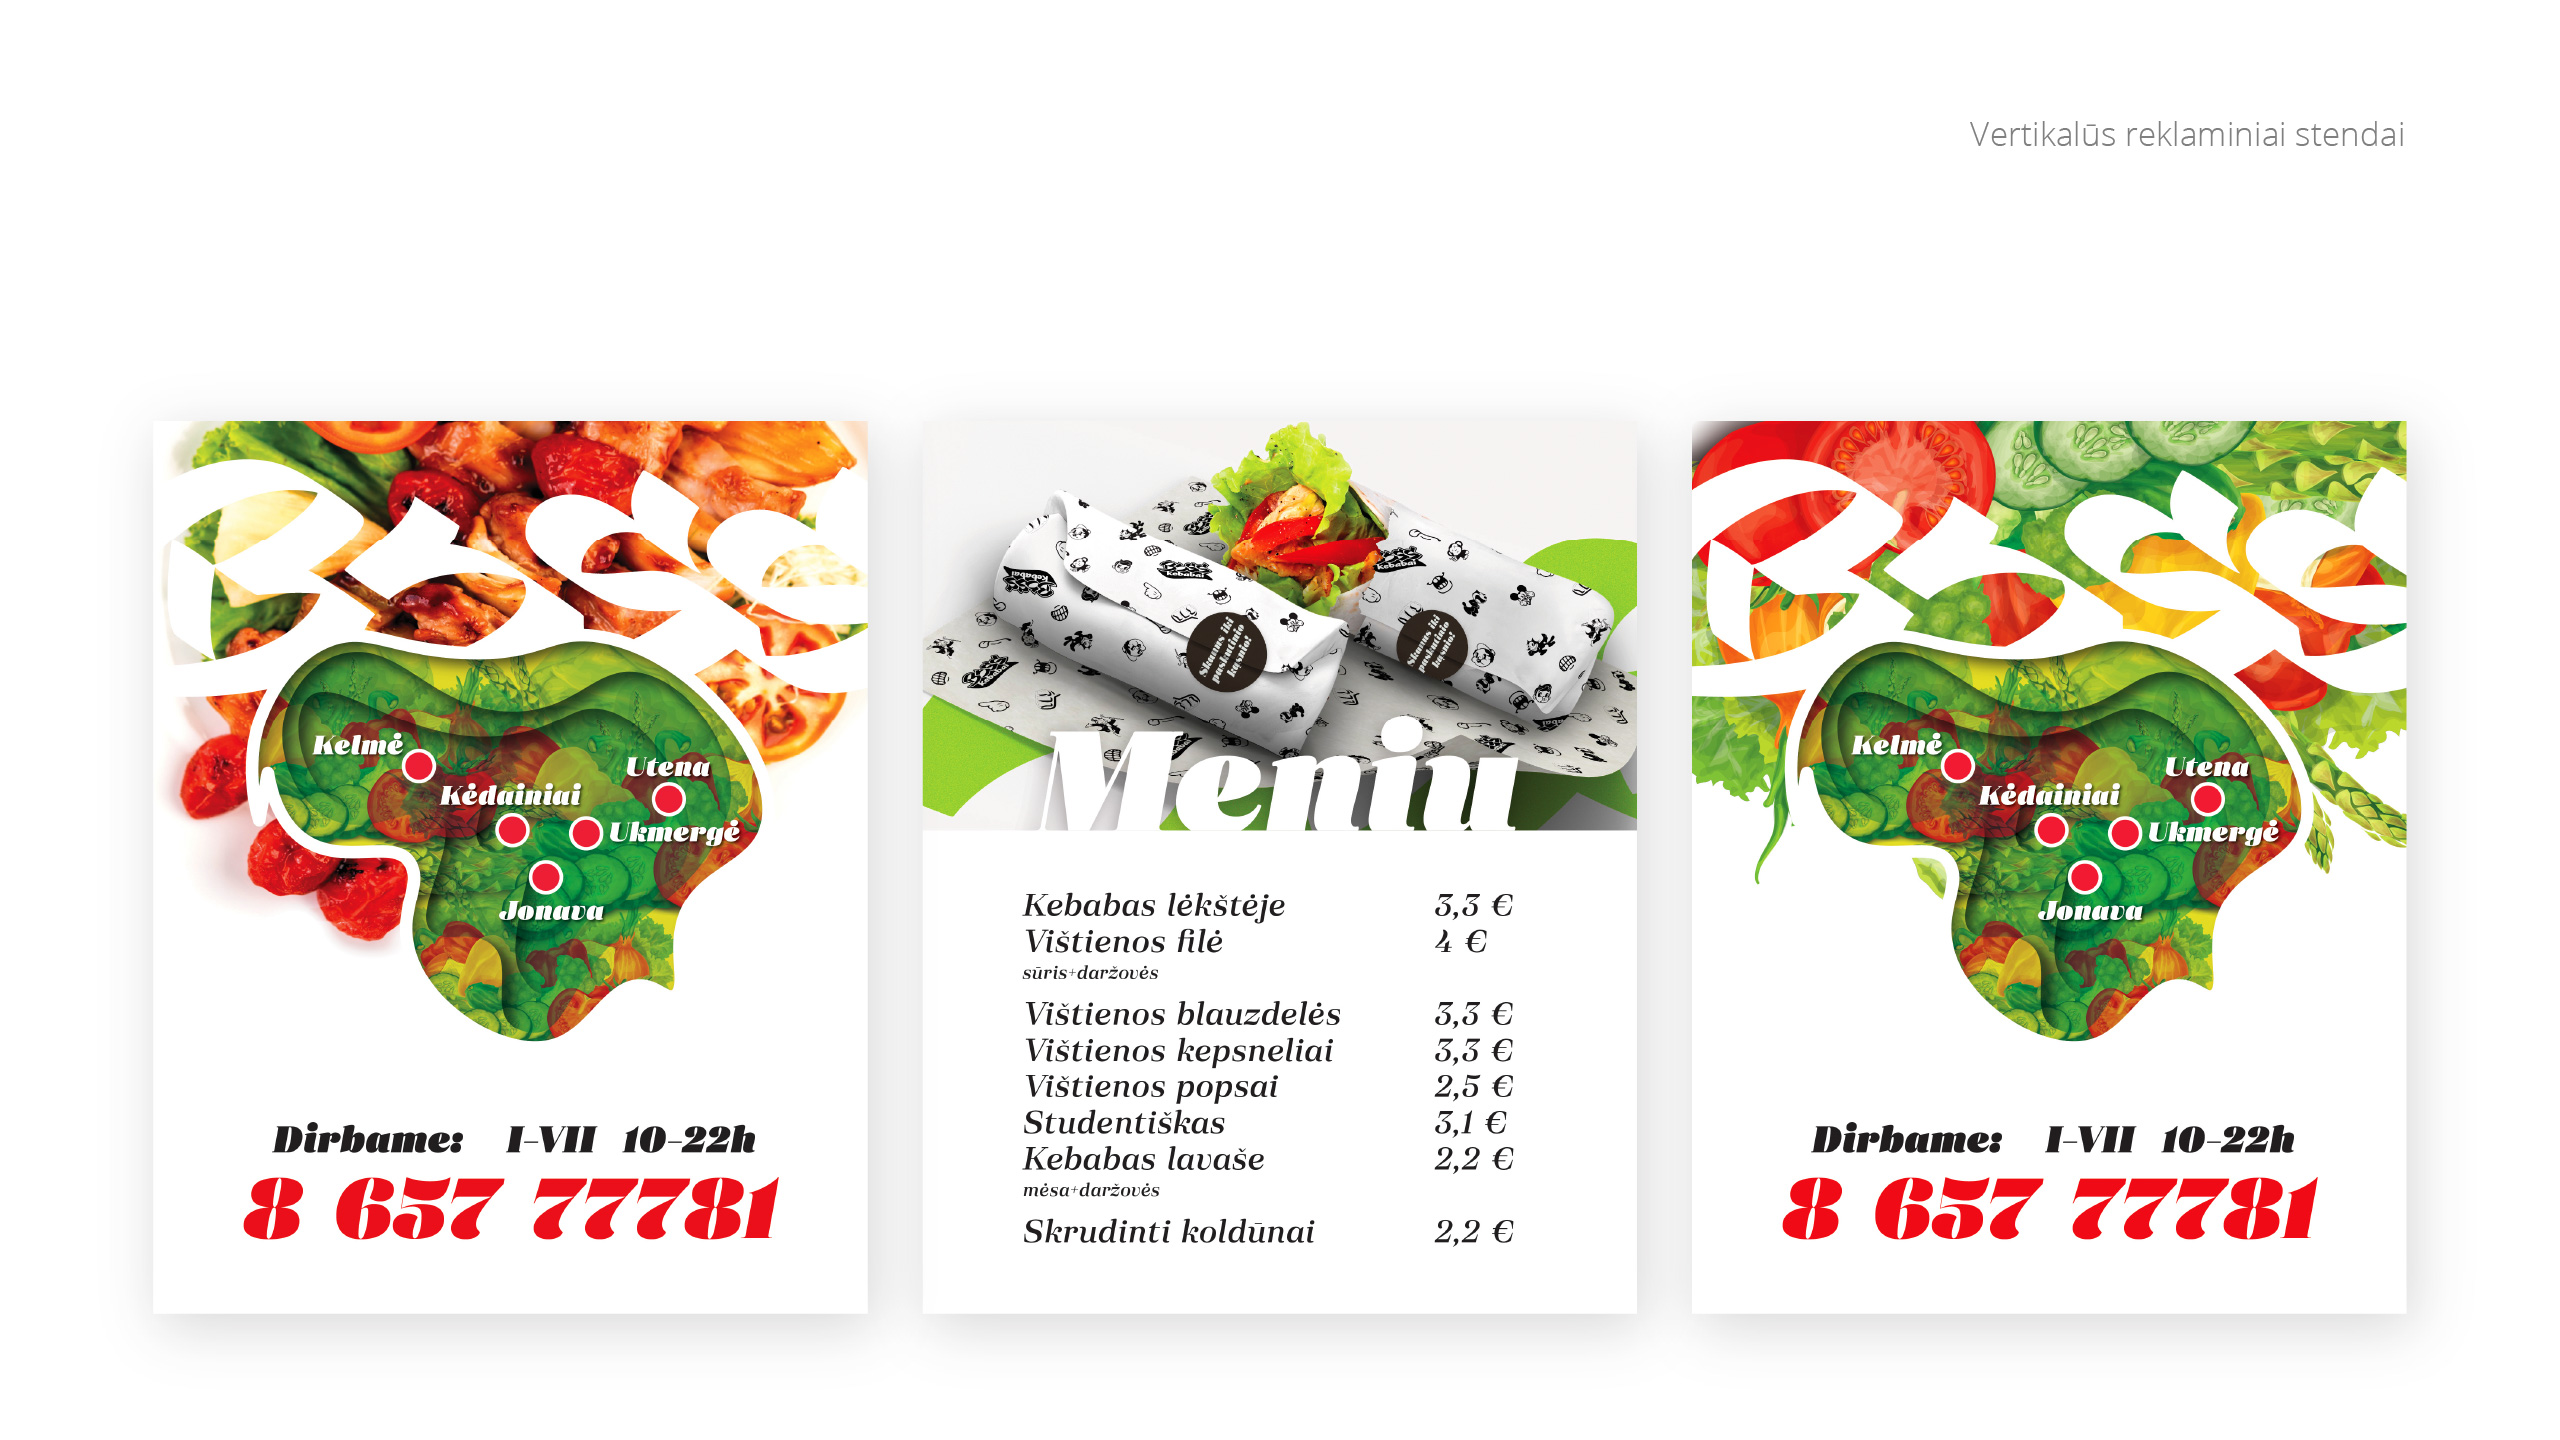 BOSS kebabai 5 branding - Logobou Desing